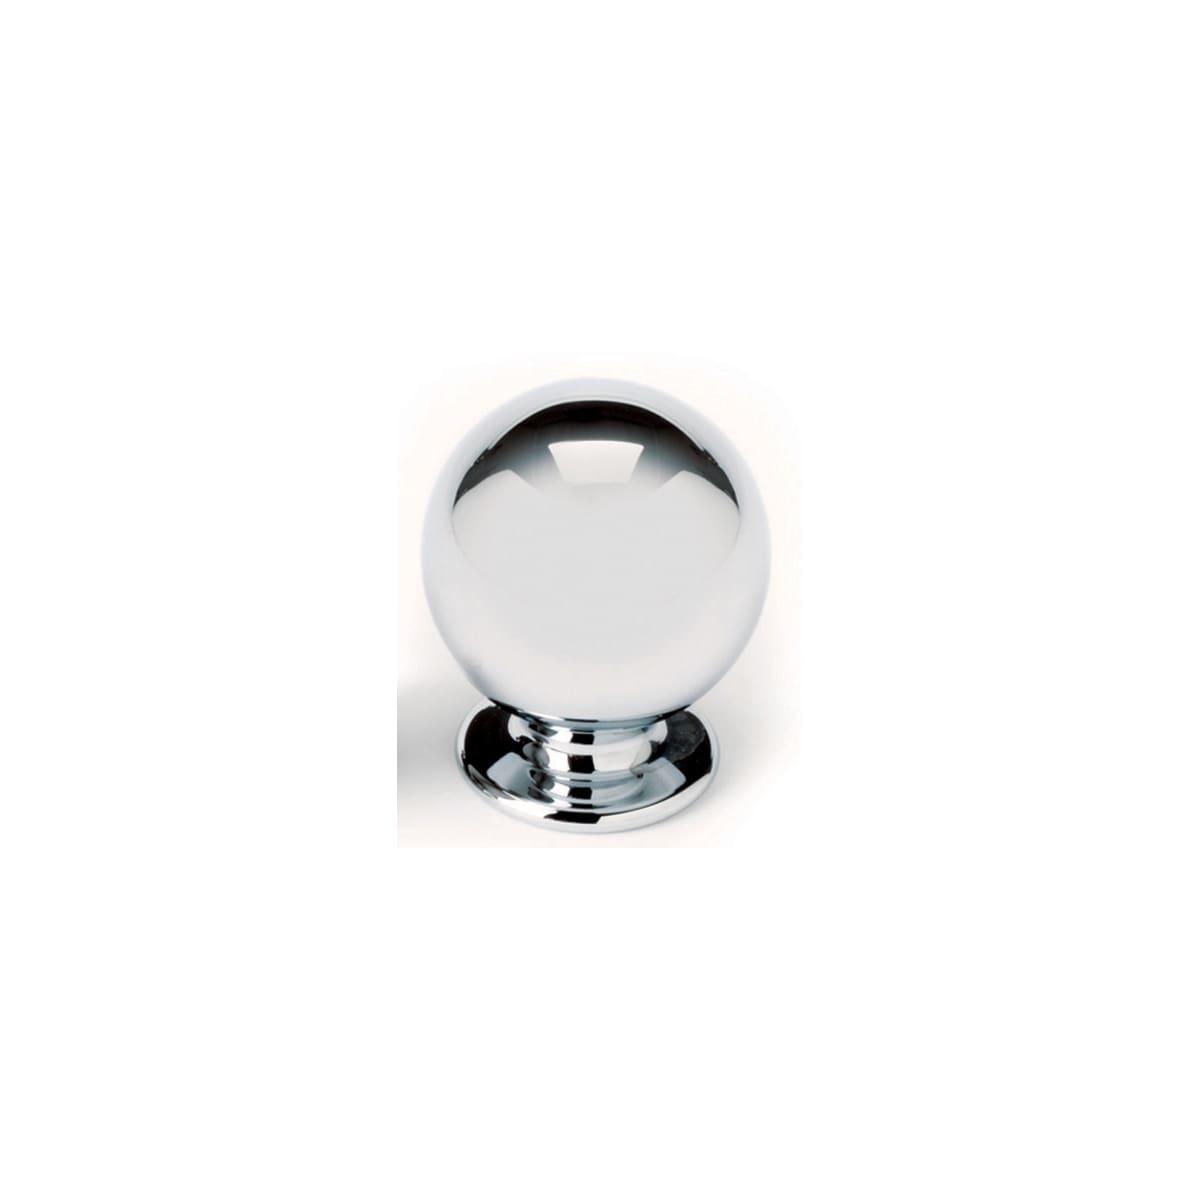 Alno Knobs 5/8 Inch Round Cabinet Knob